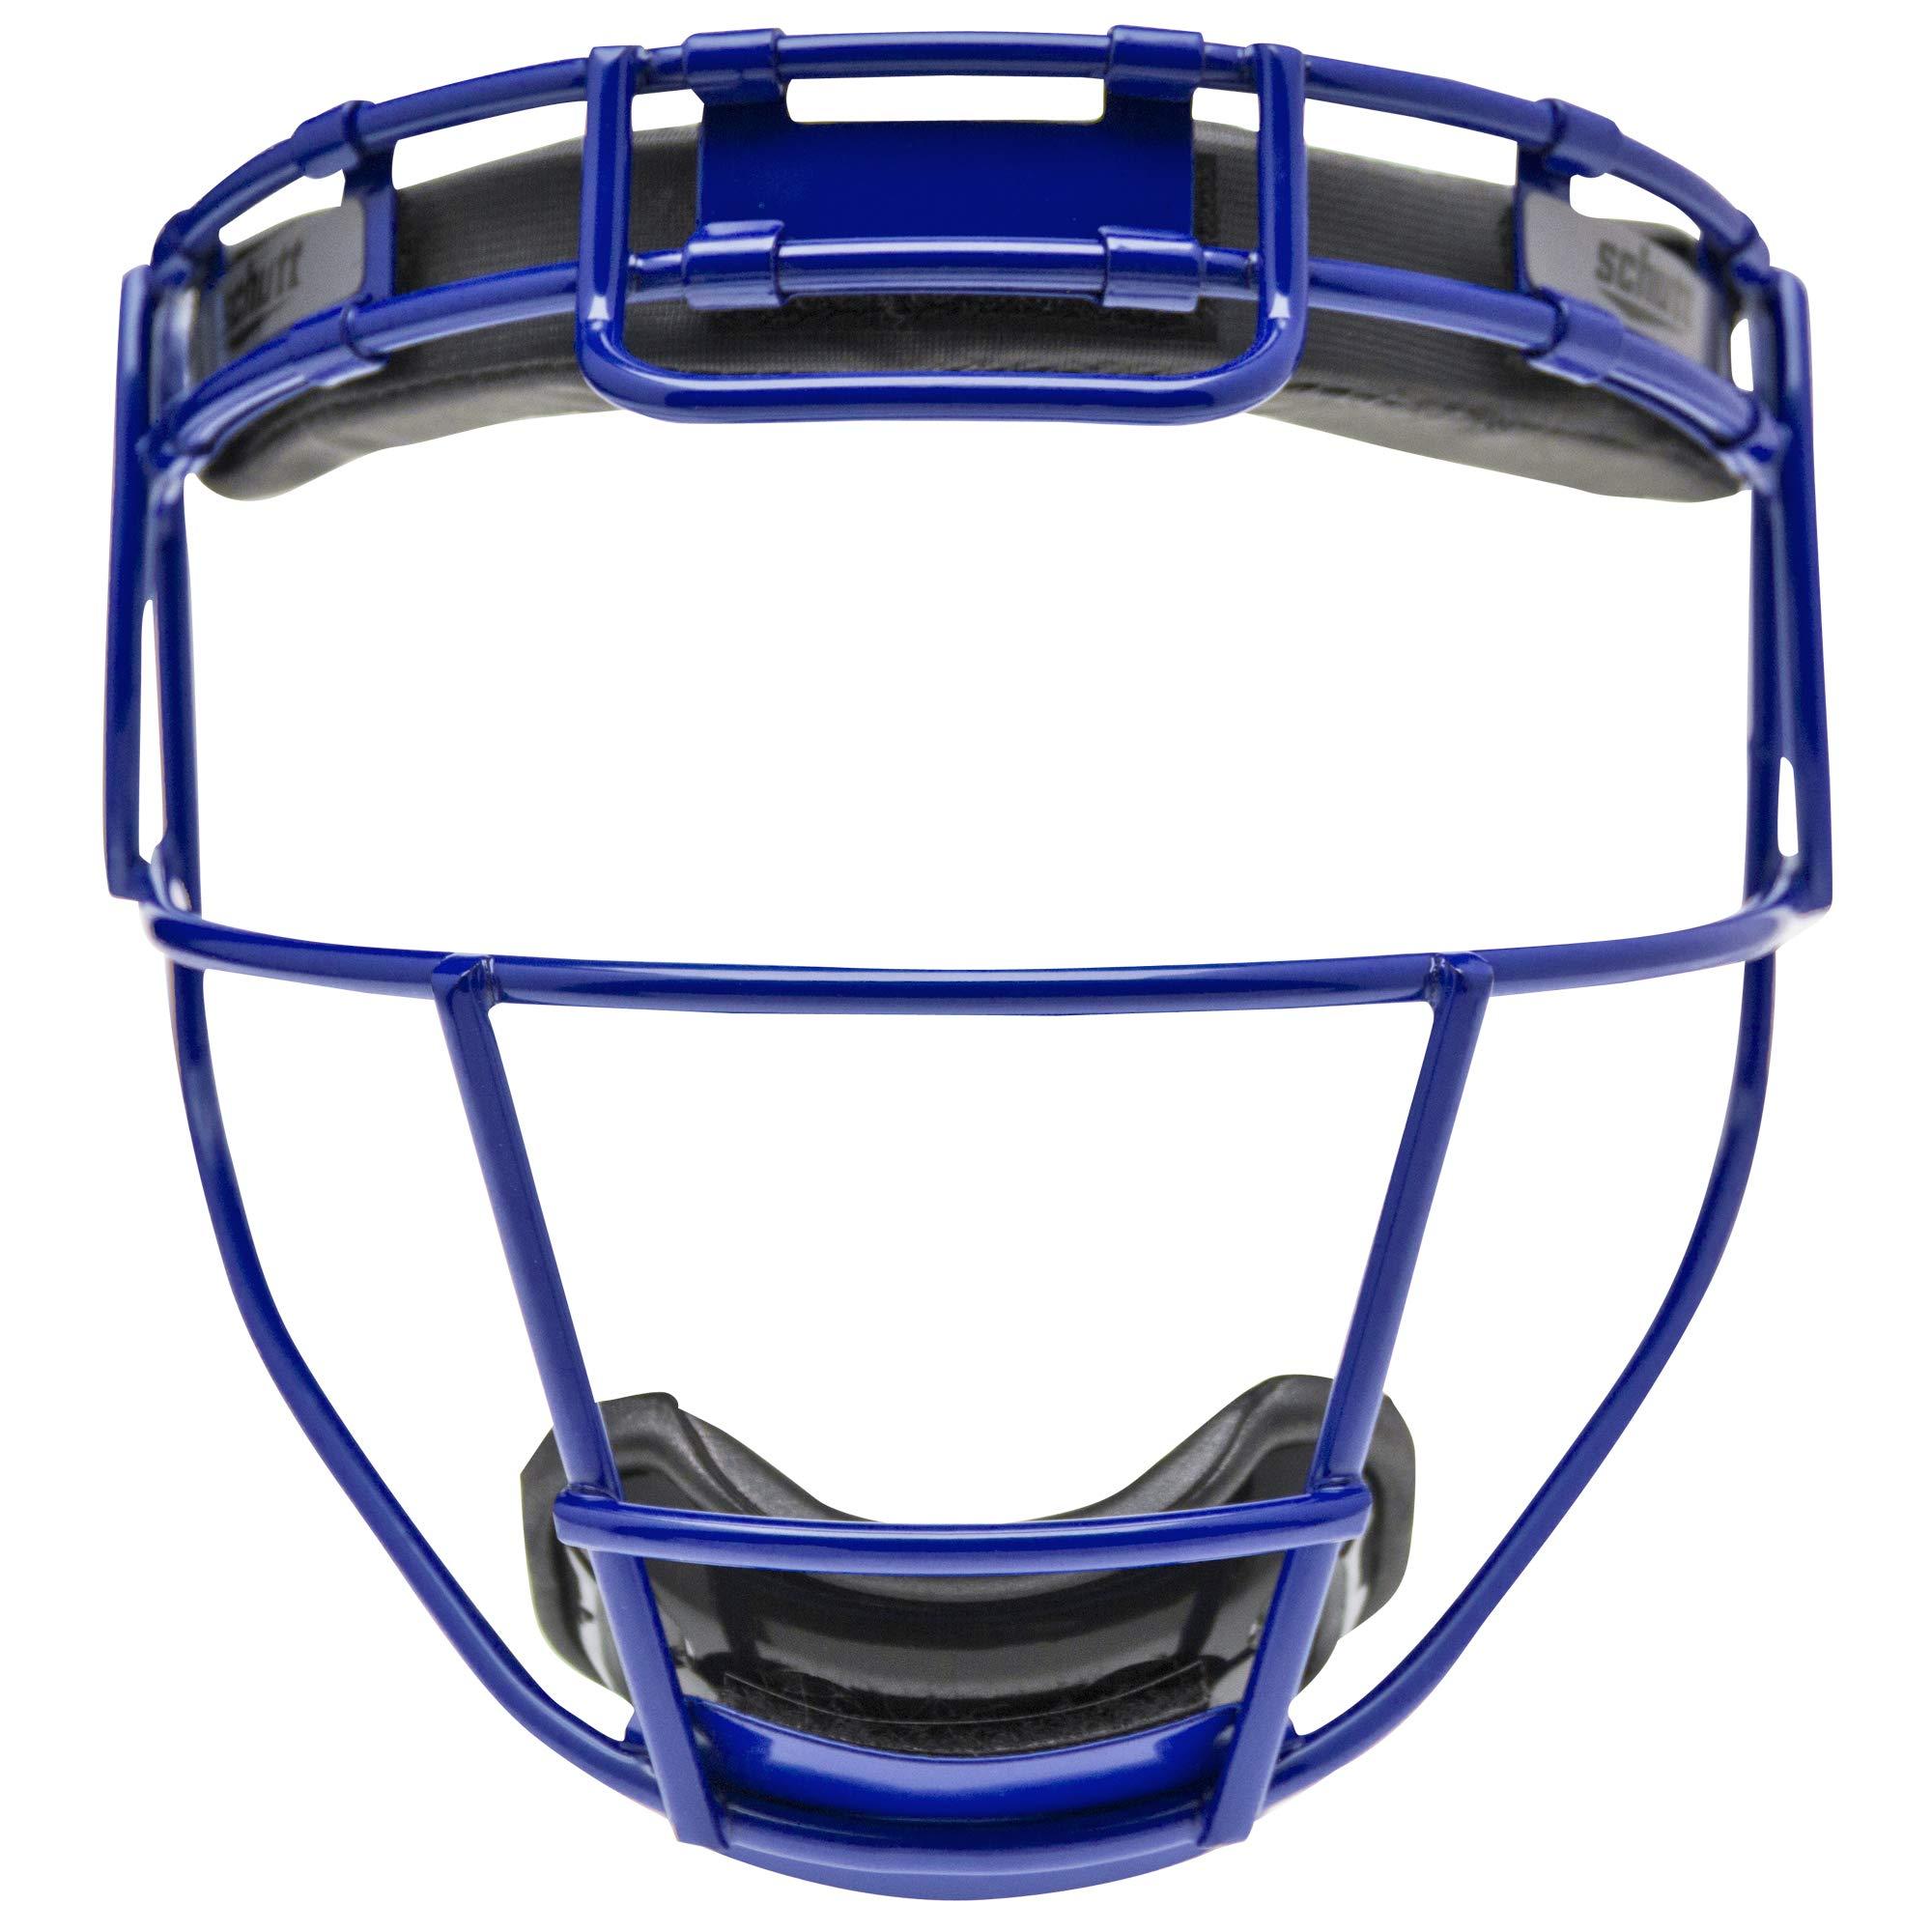 Schutt Sports Softball Fielders Guard, Youth, Seattle Blue by Schutt